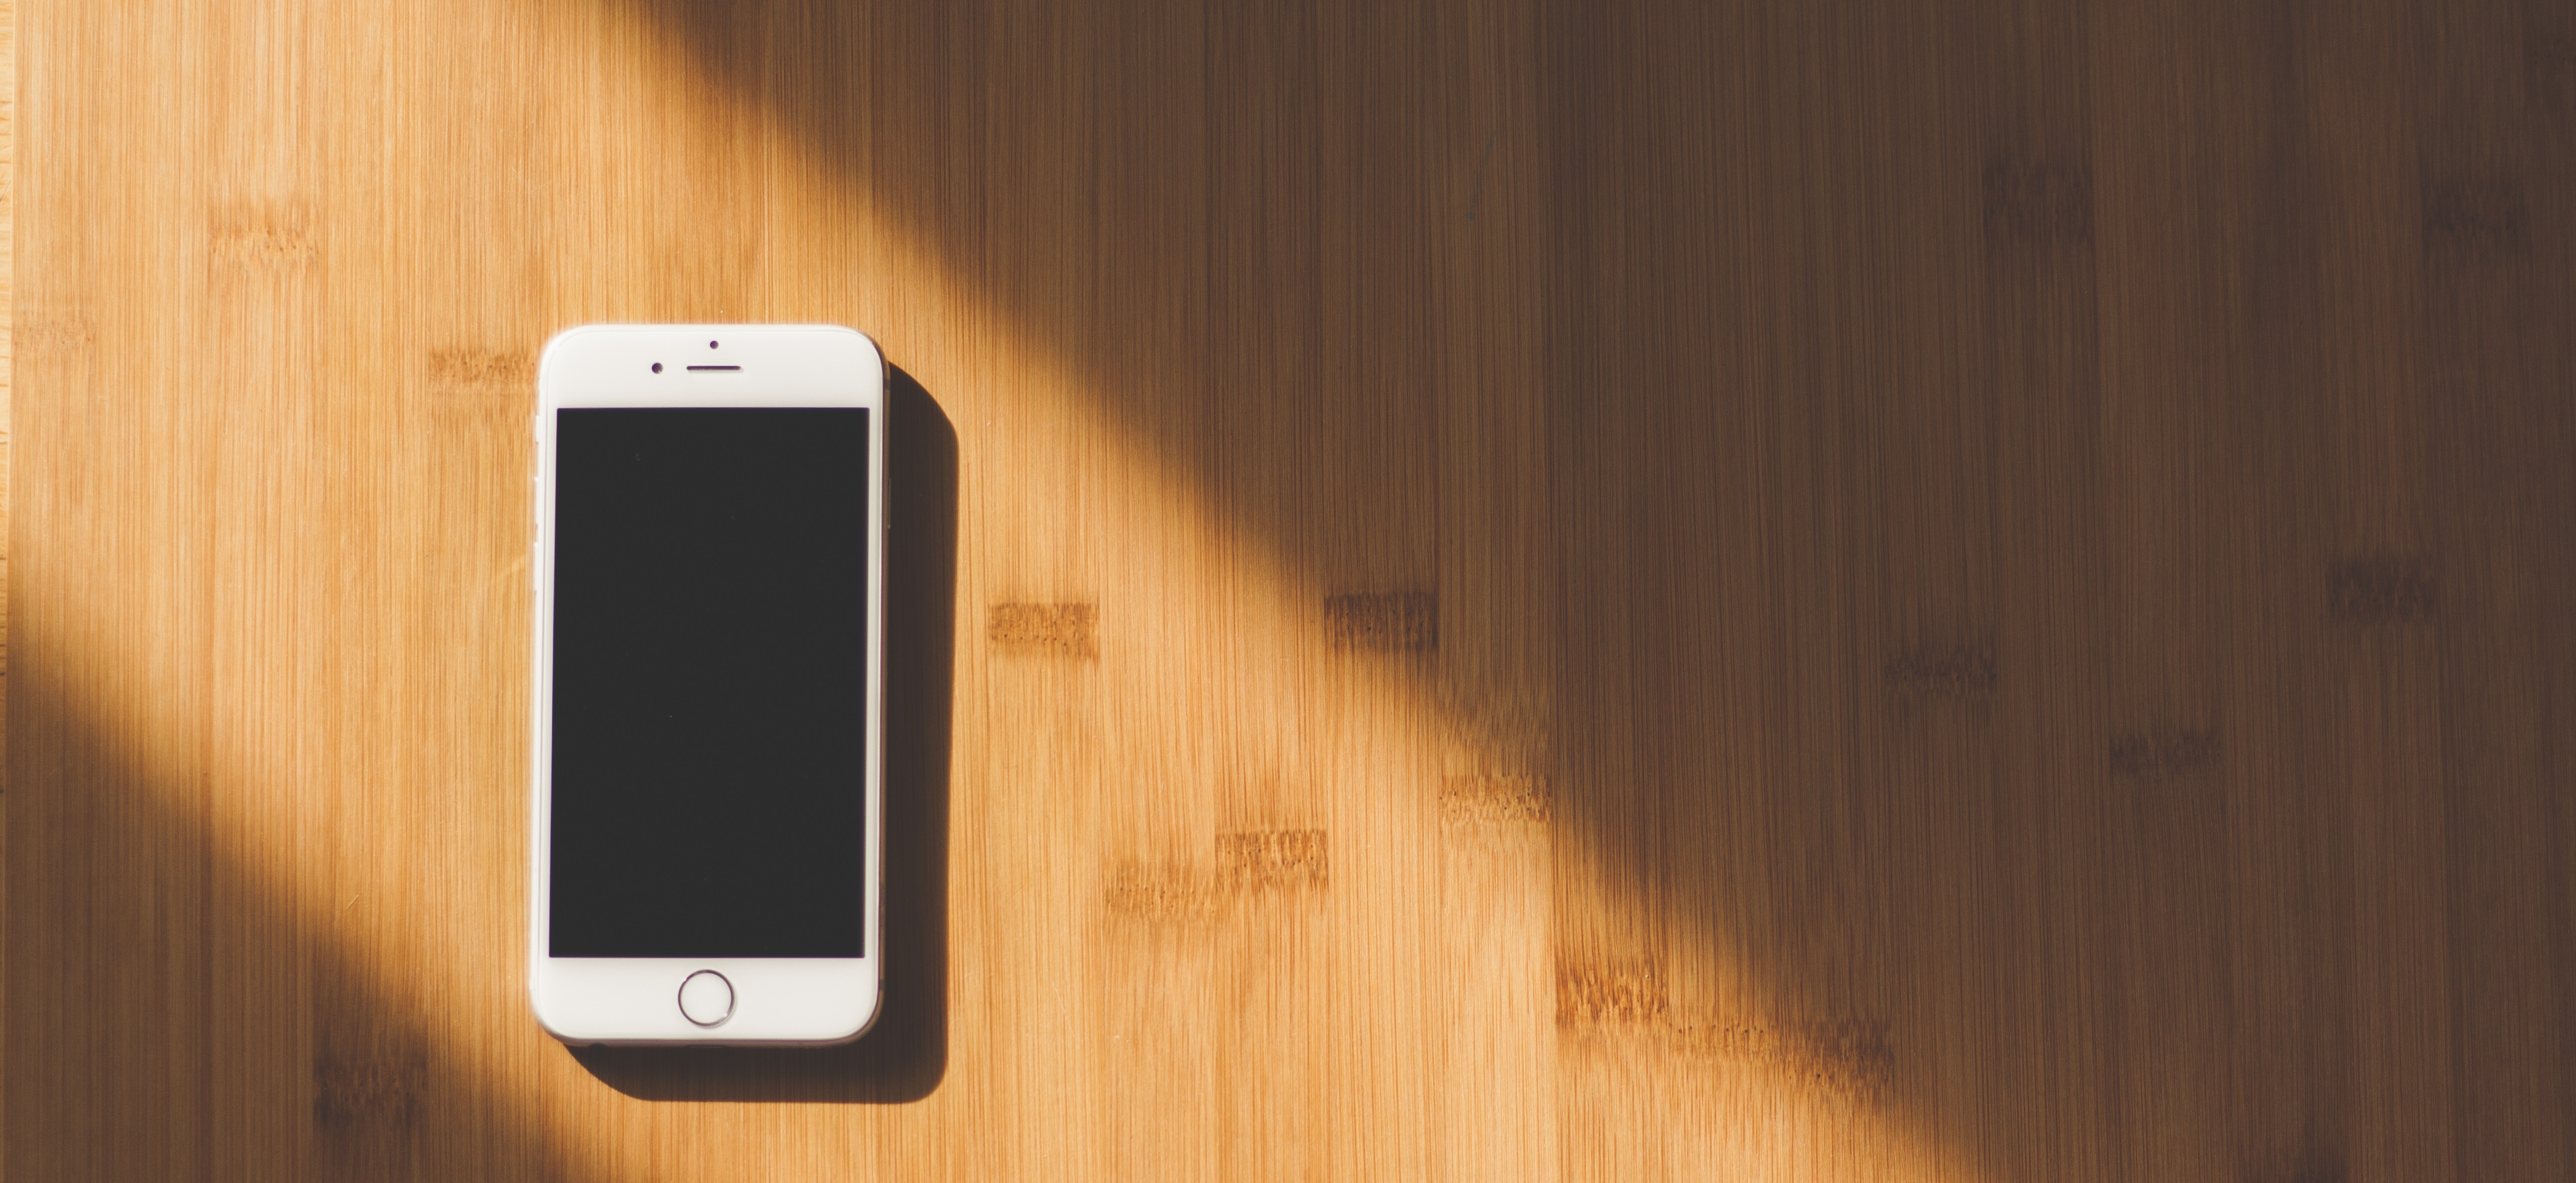 Das Bild zeigt ein Smartphone auf einem Tisch.